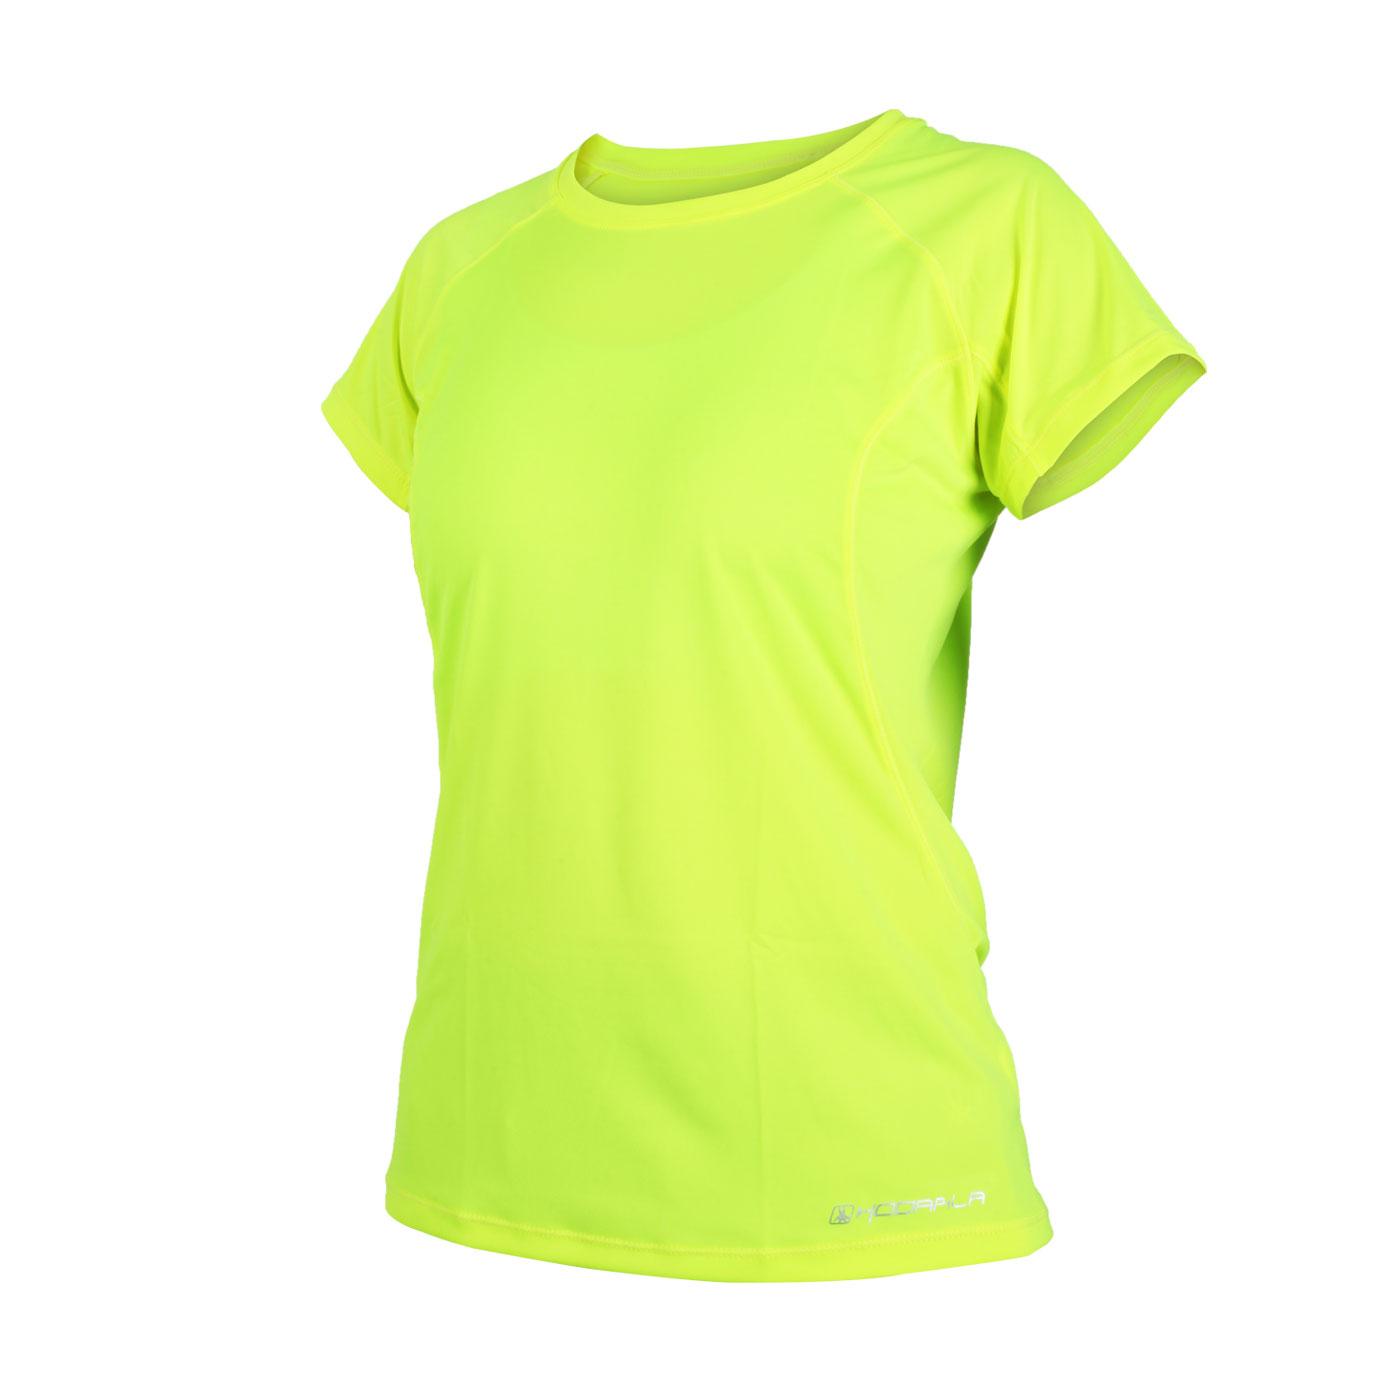 HODARLA 女款星悅無感短袖T恤 3135102 - 螢光黃